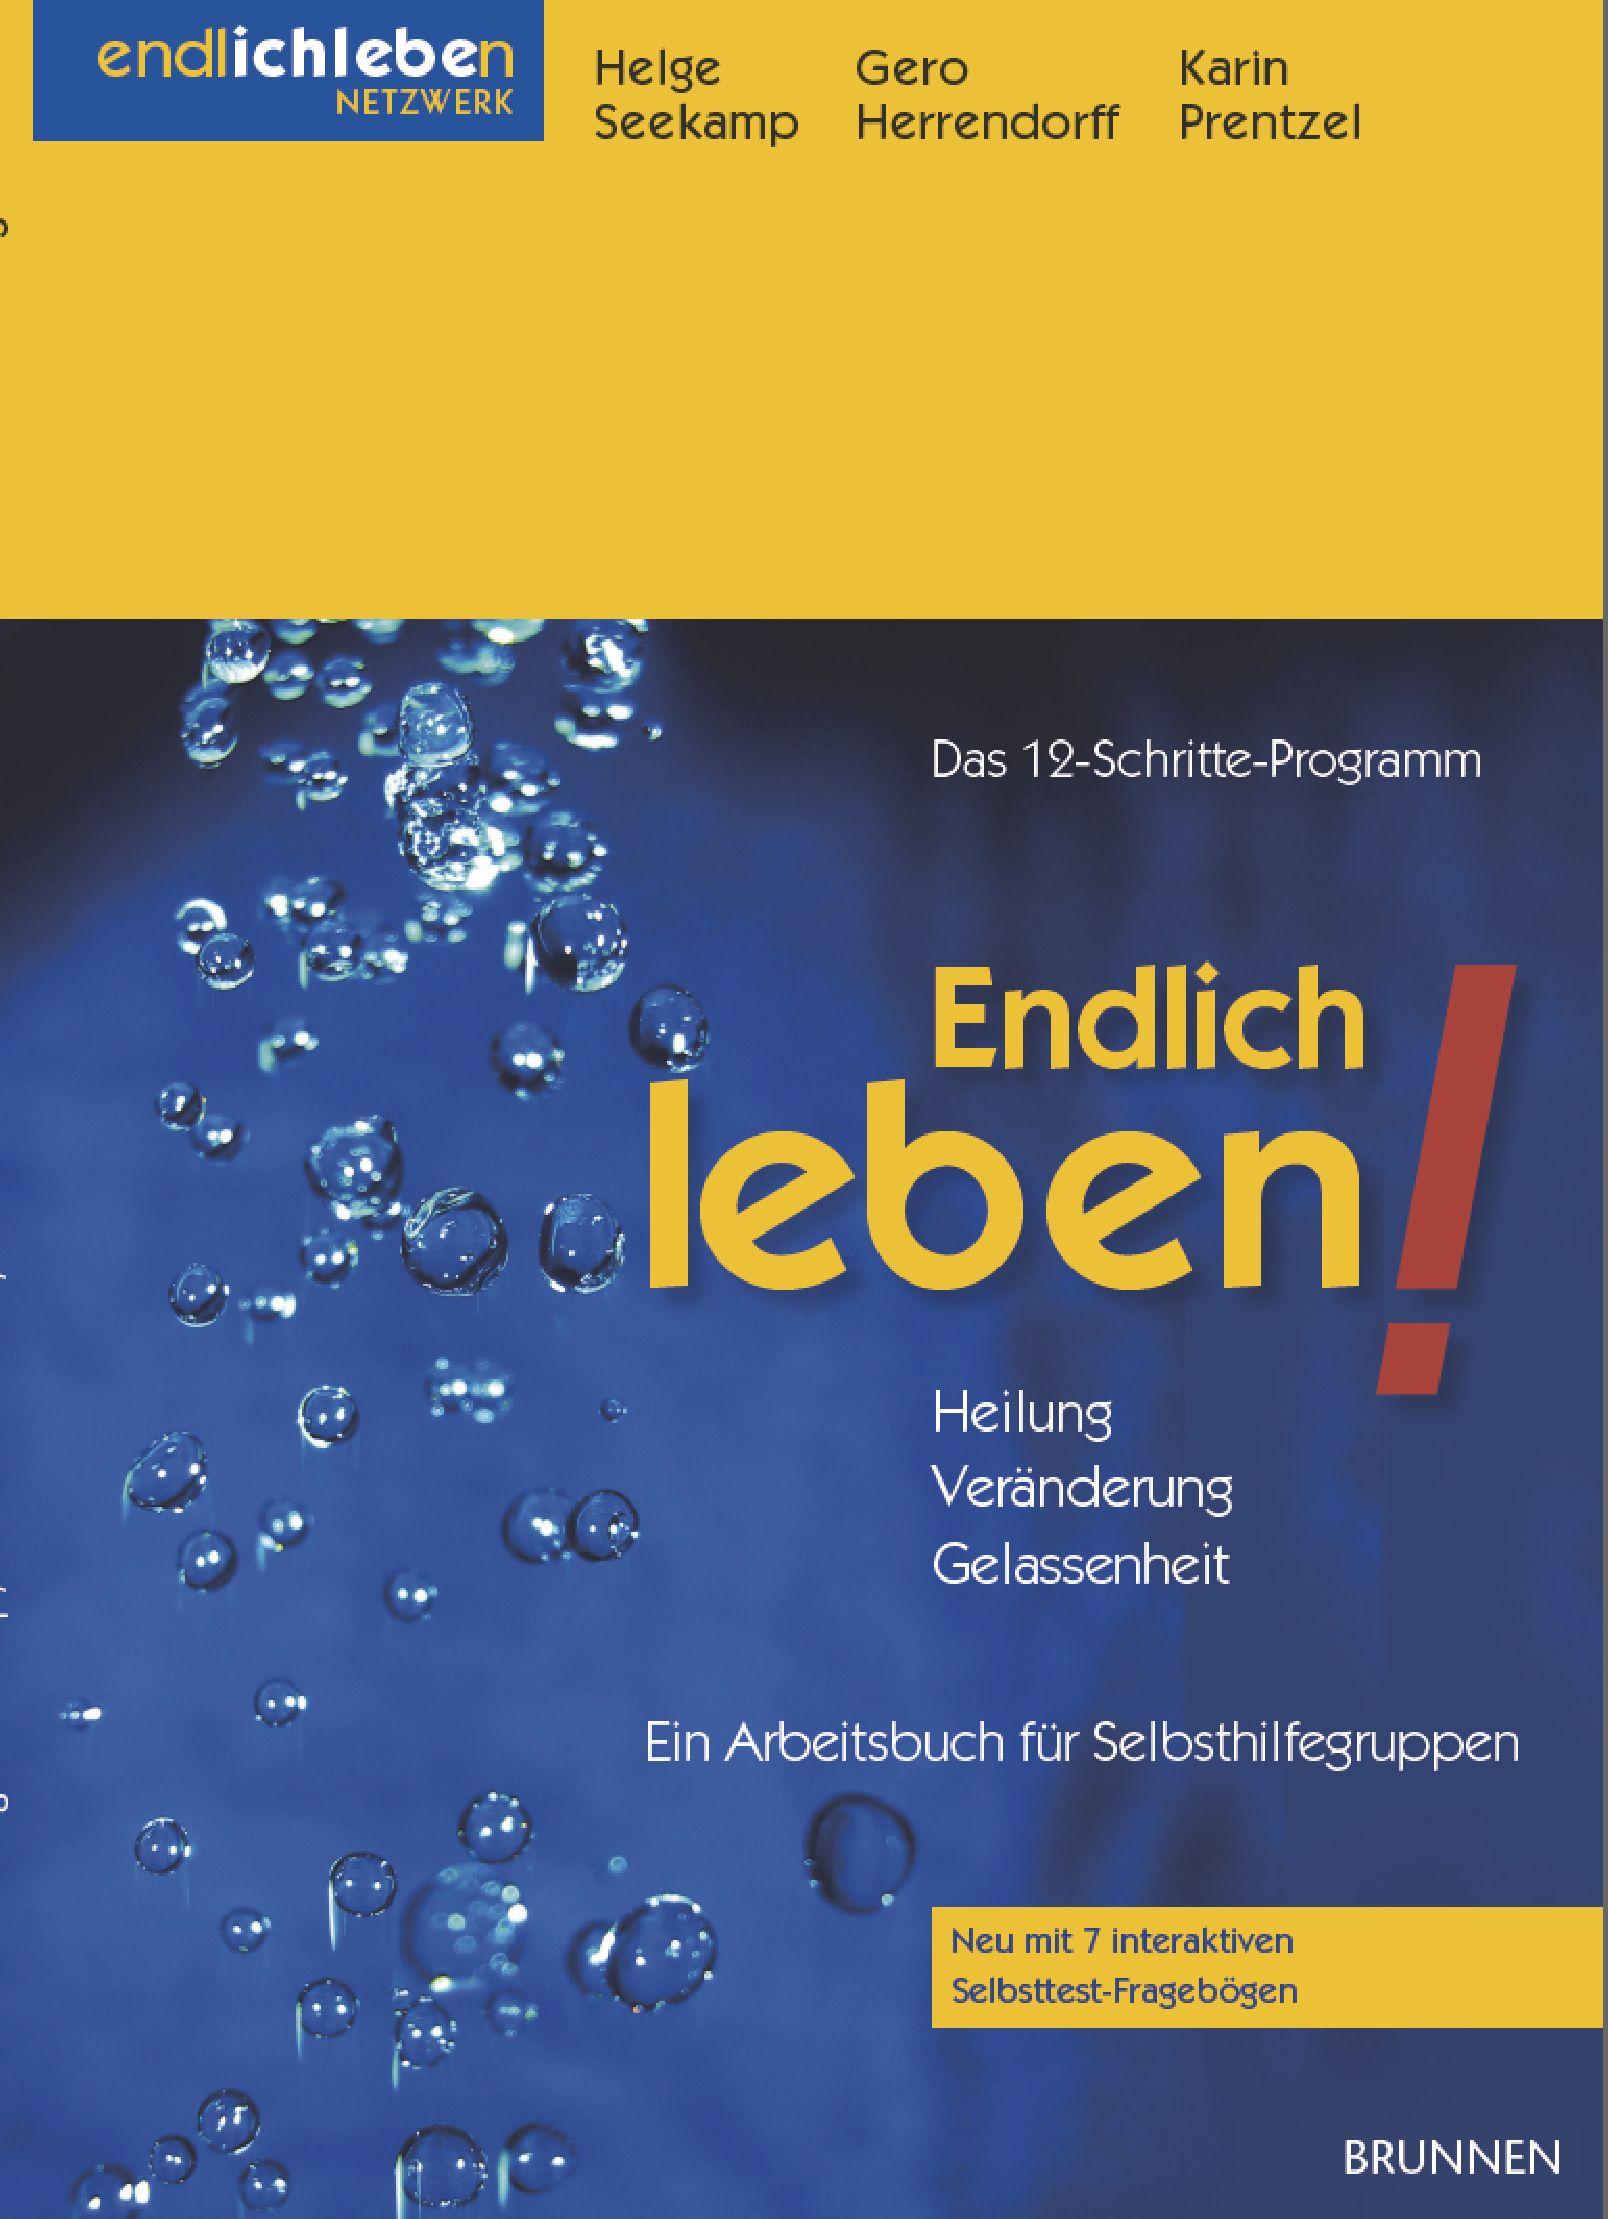 Endlich Leben by Endlich-Leben-Netzwerk - issuu